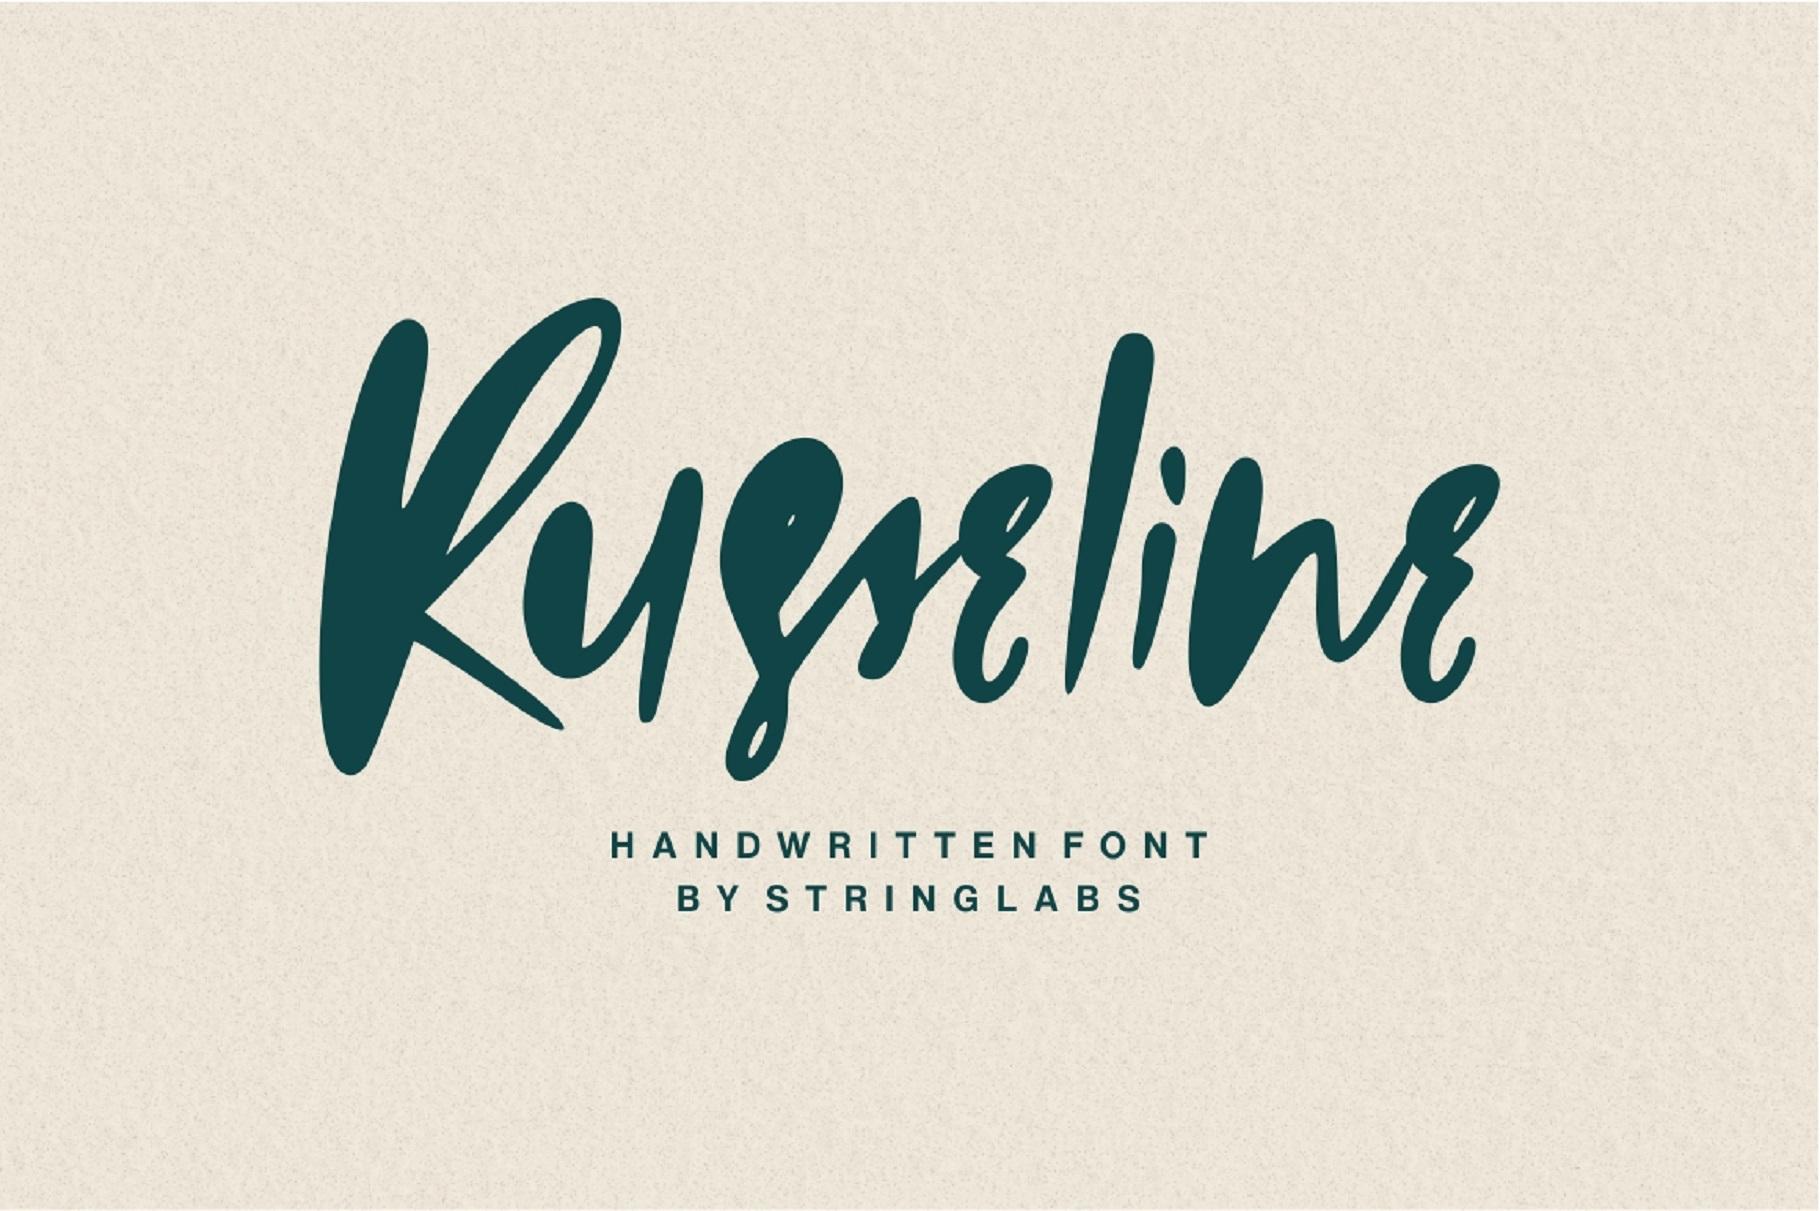 Russeline - Handwritten Font example image 1